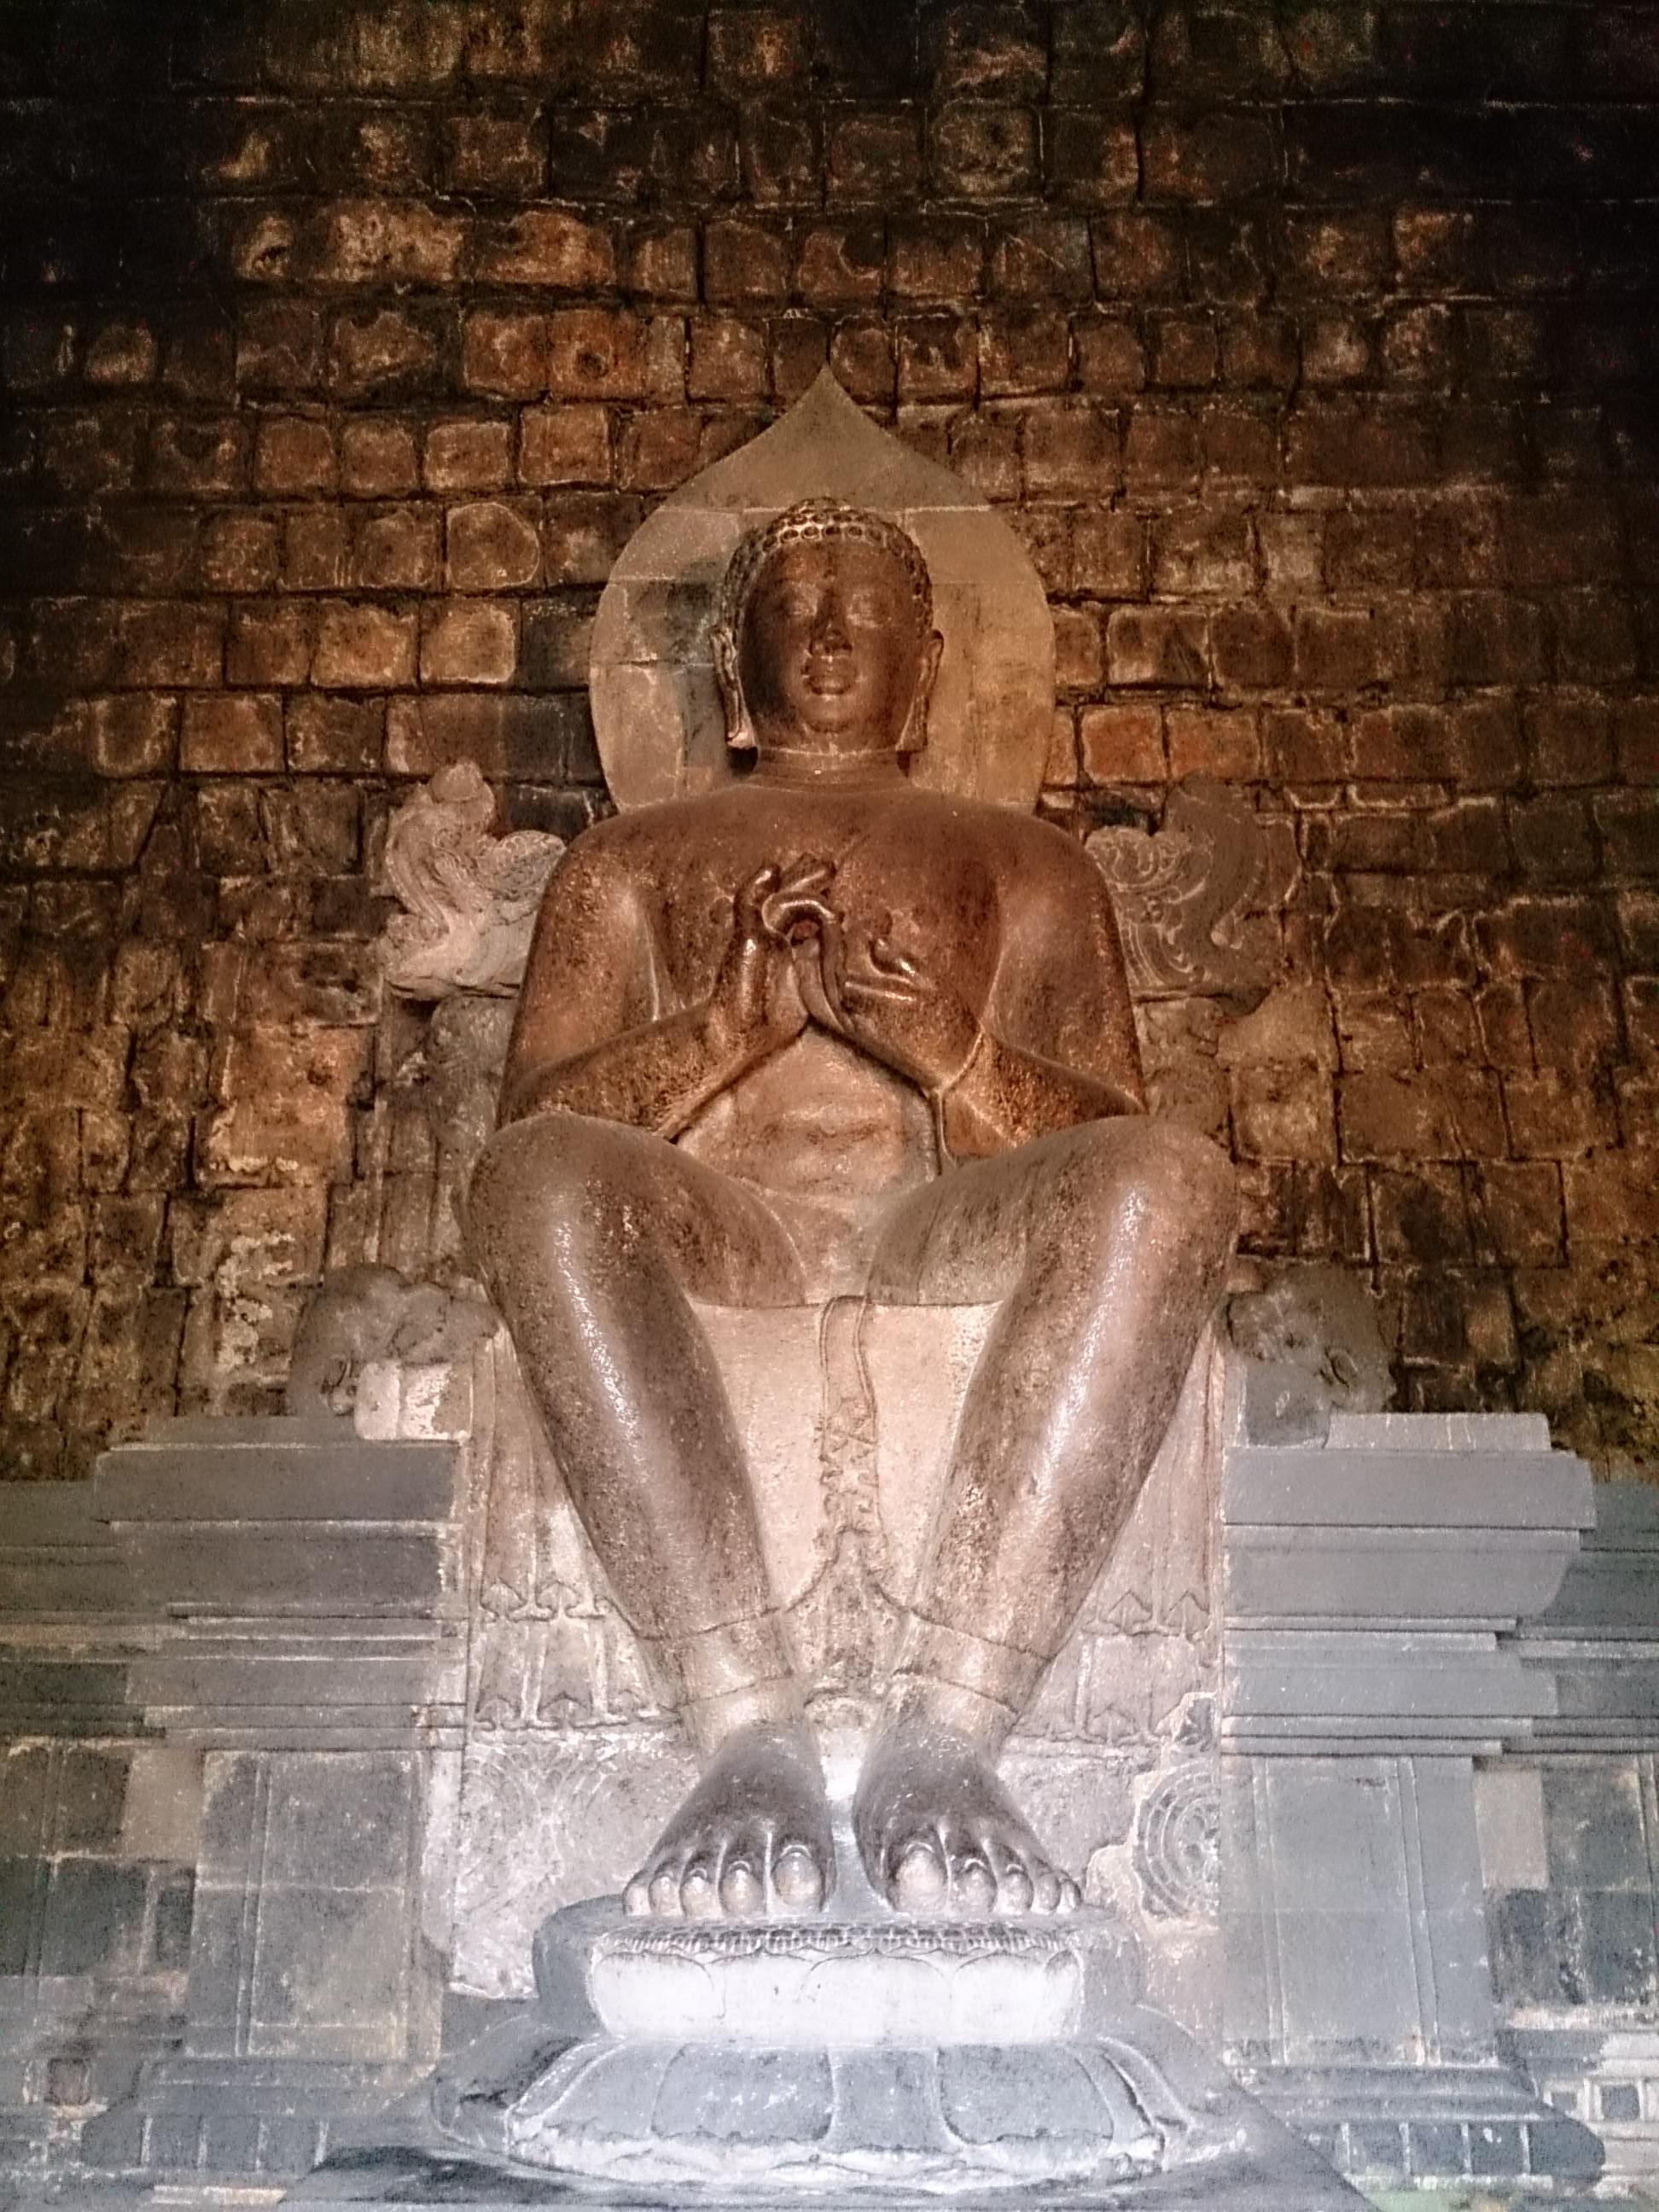 ボロブドゥール様式で建てられたムンドゥッ寺院跡